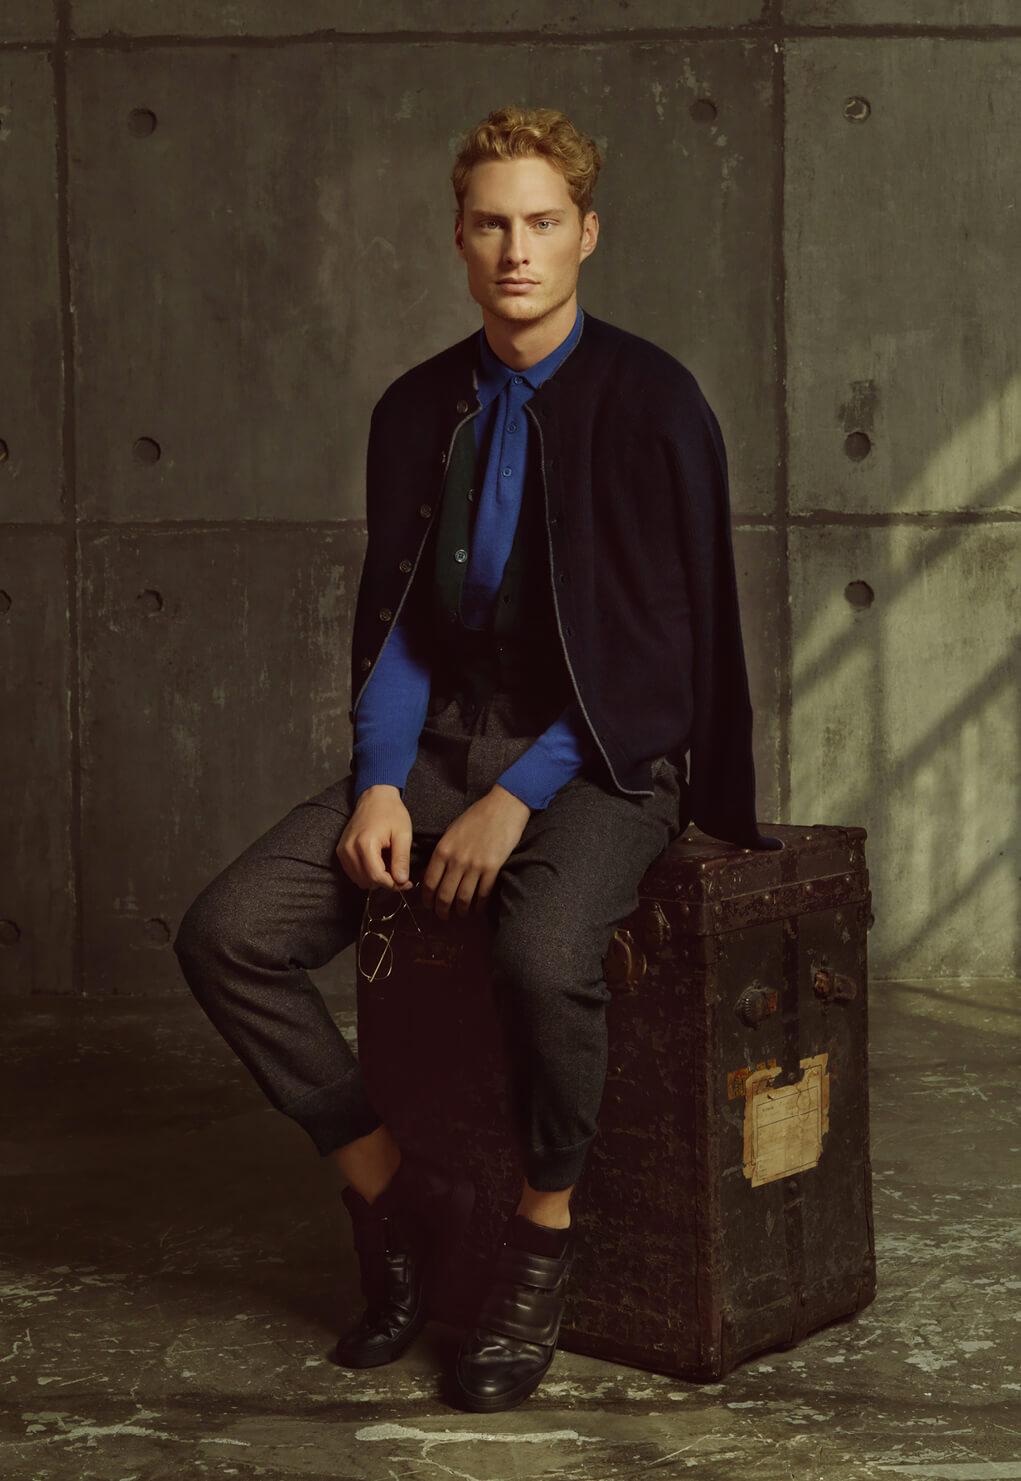 Duca di San Giusto cashmere Mirko Burin Fashion stylist 8